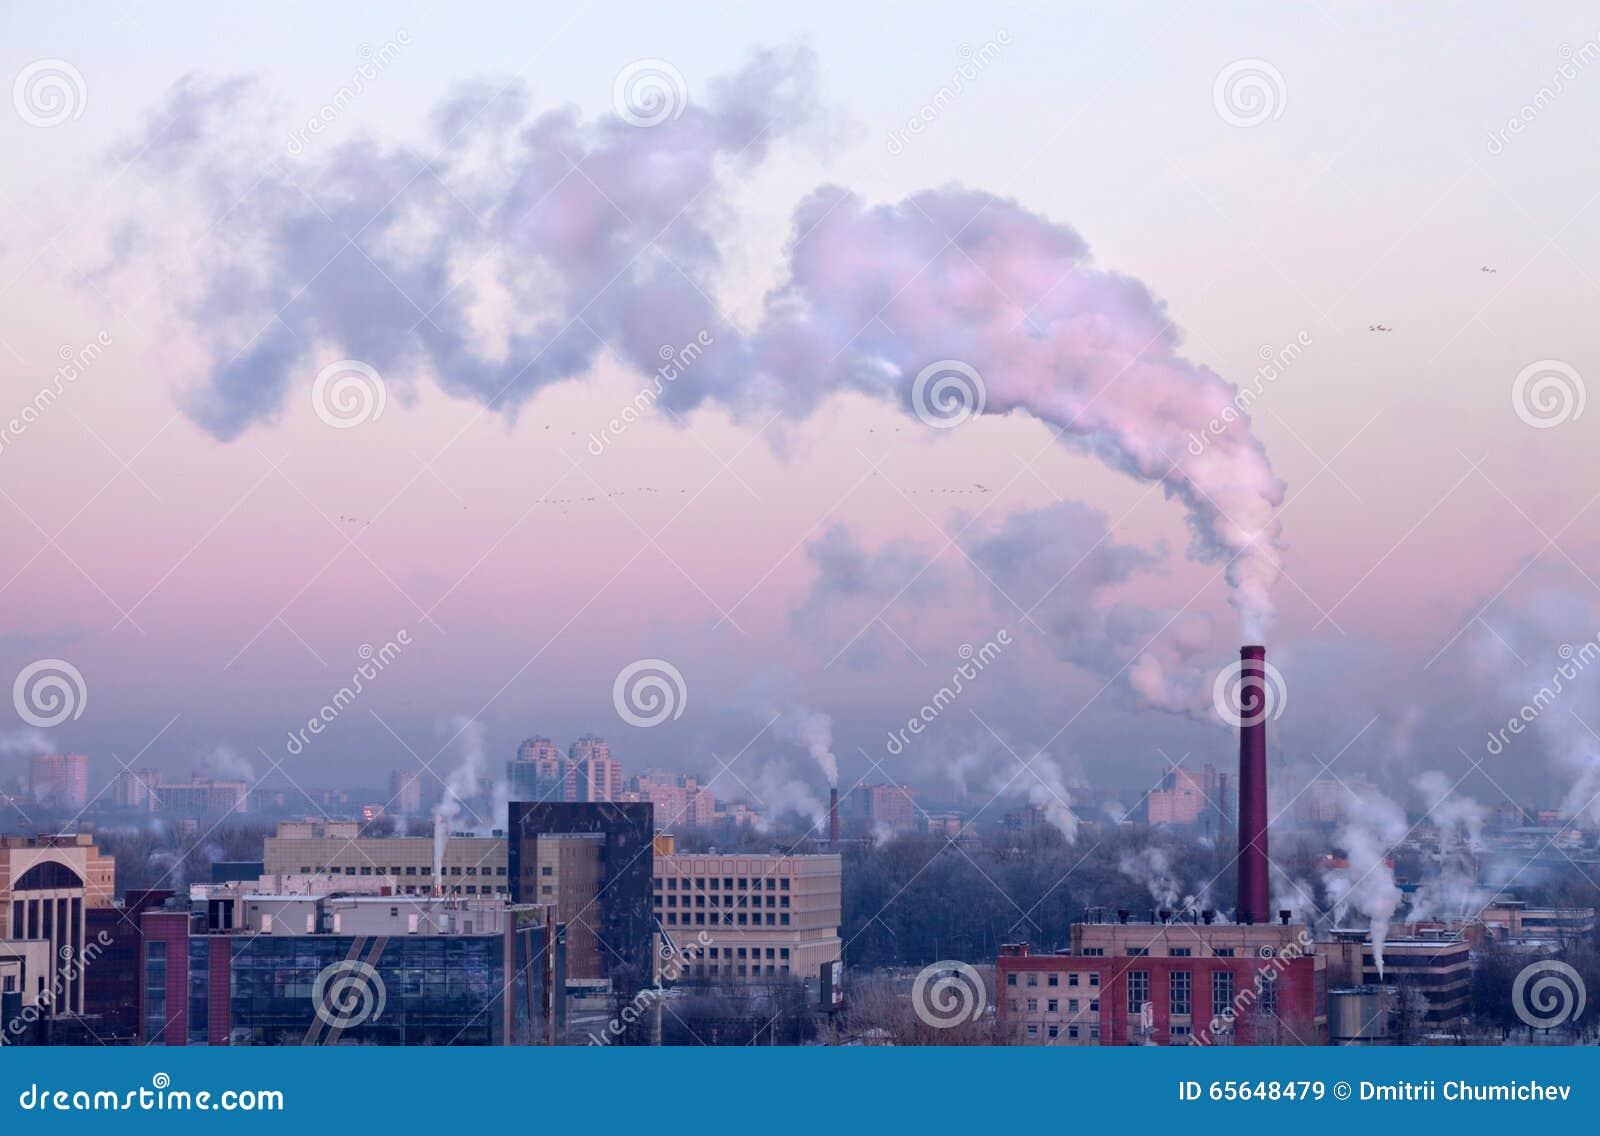 La fumée au-dessus de la ville dans le froid